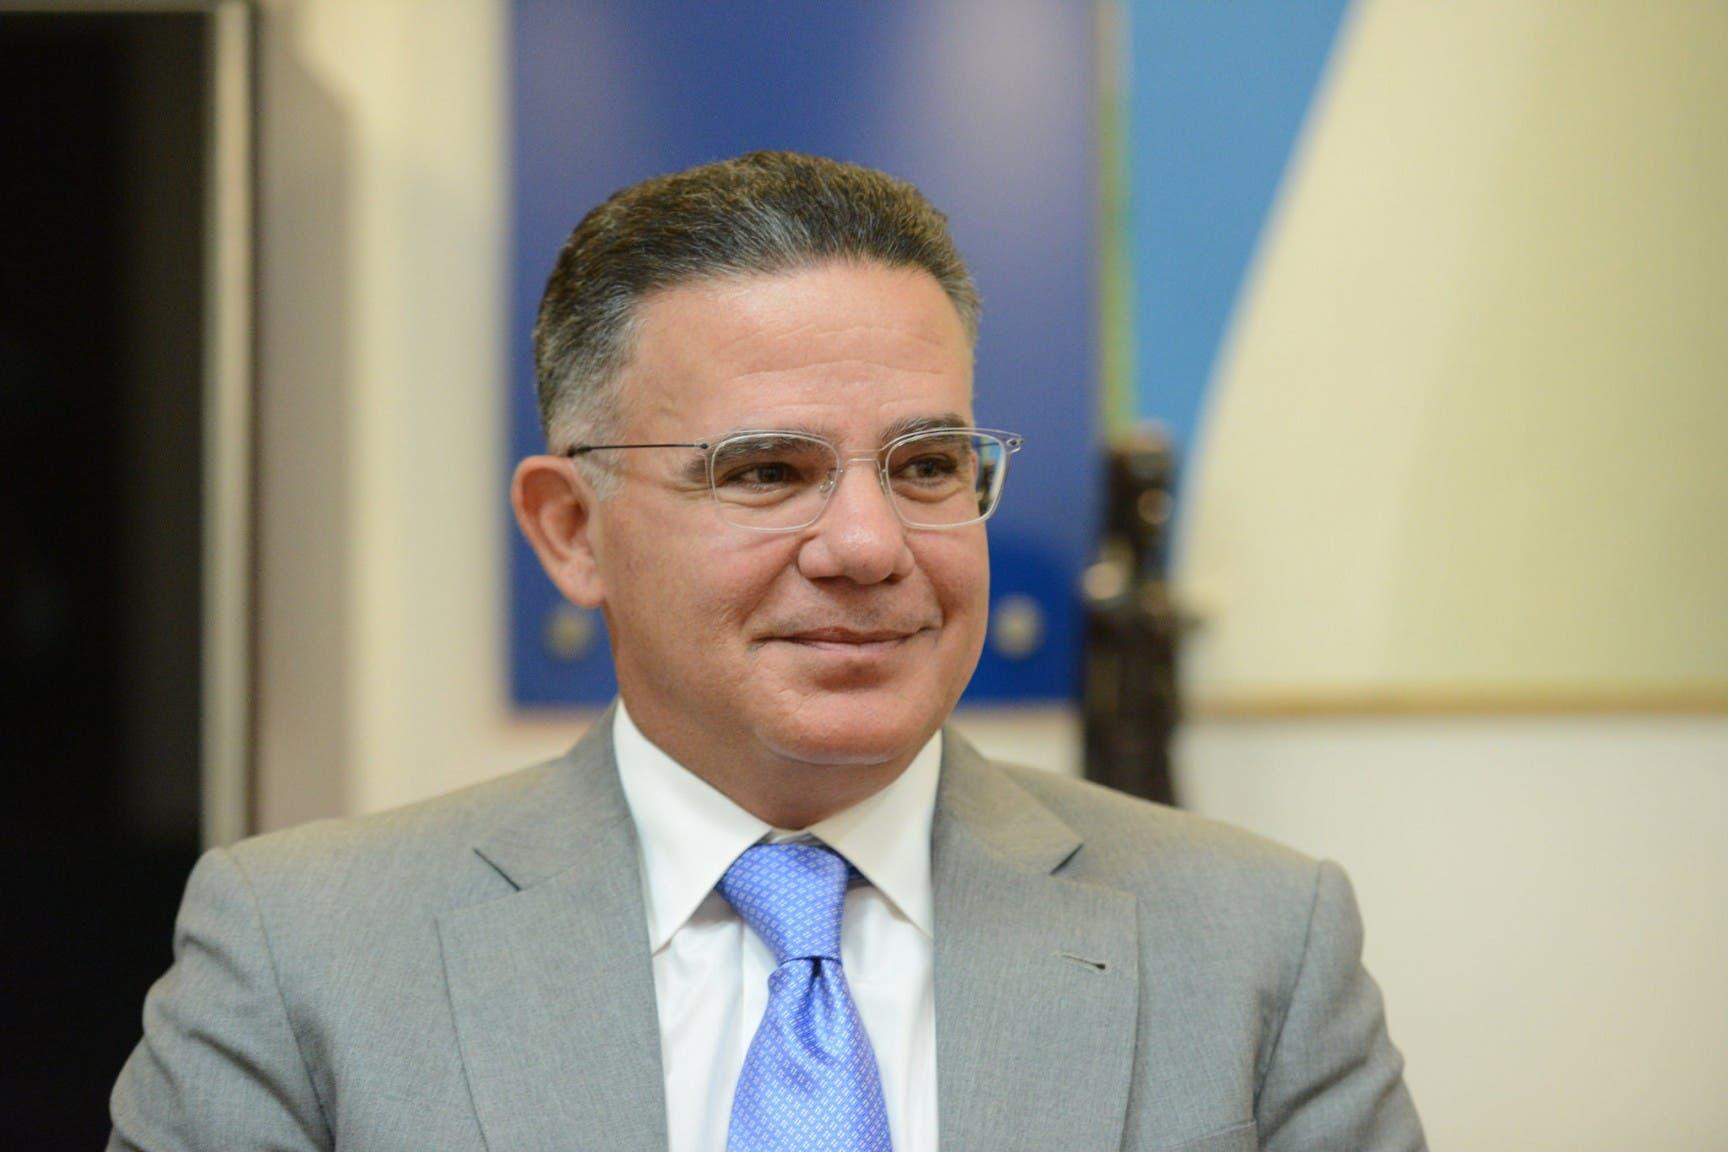 Pedro Brache